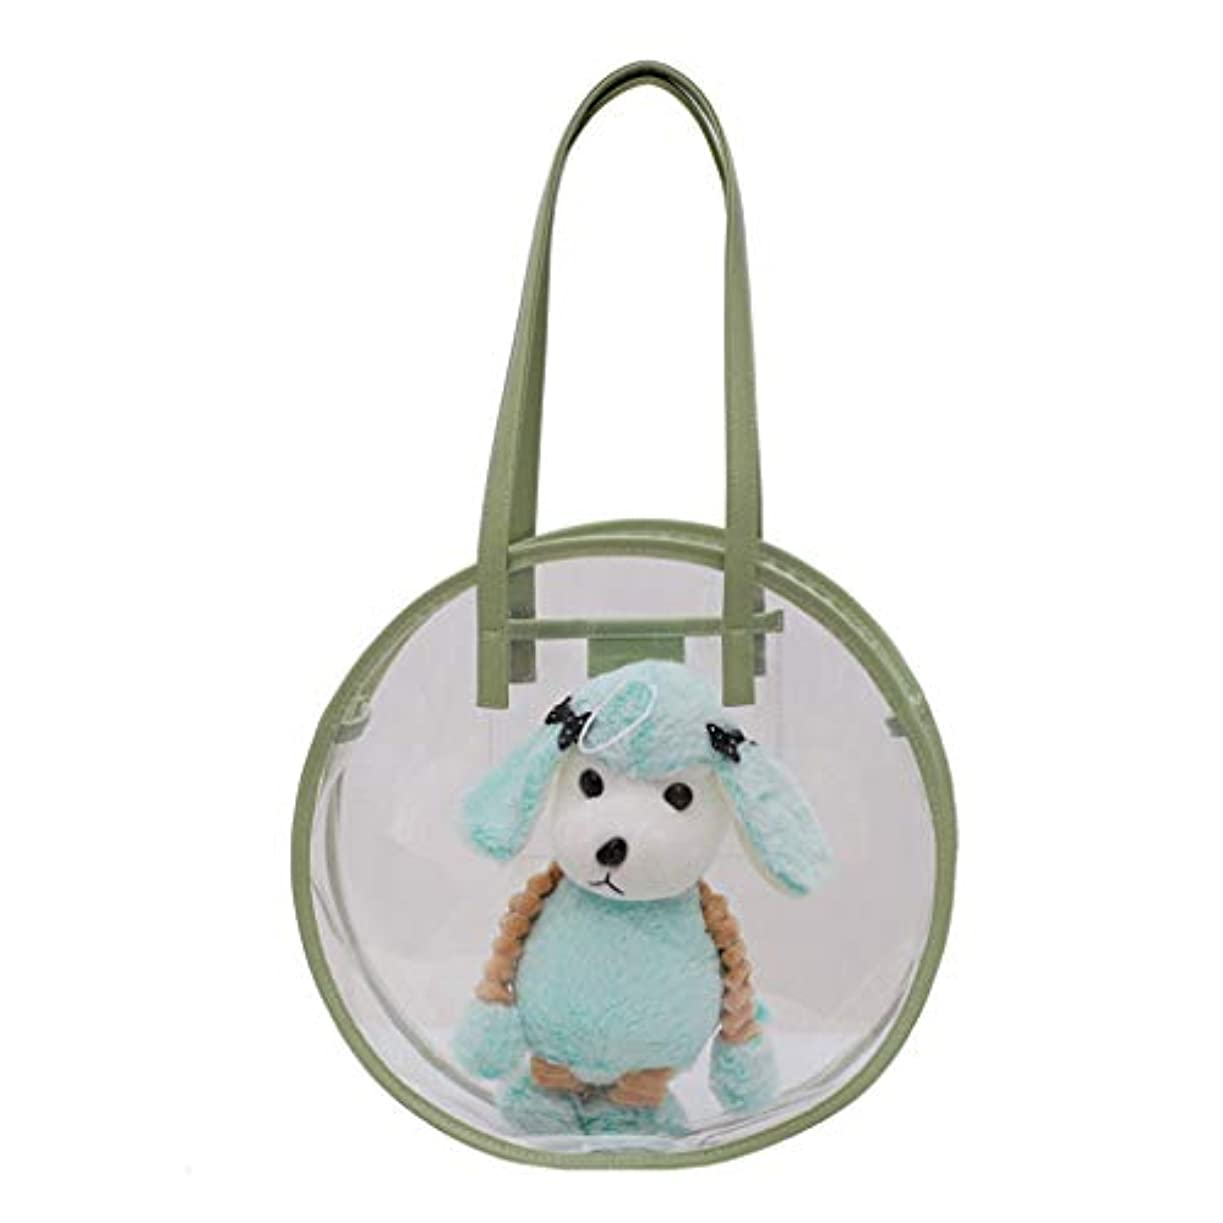 ブラウズ熱望する気候かわいいファッション 犬の特徴 透明防水 ビーチバッグ ポータブル 透明化粧品バッグ 旅行用メイクポーチ ジッパー 防水 トートバッグ 取り外し可能 調整 33X9X33cm 3色